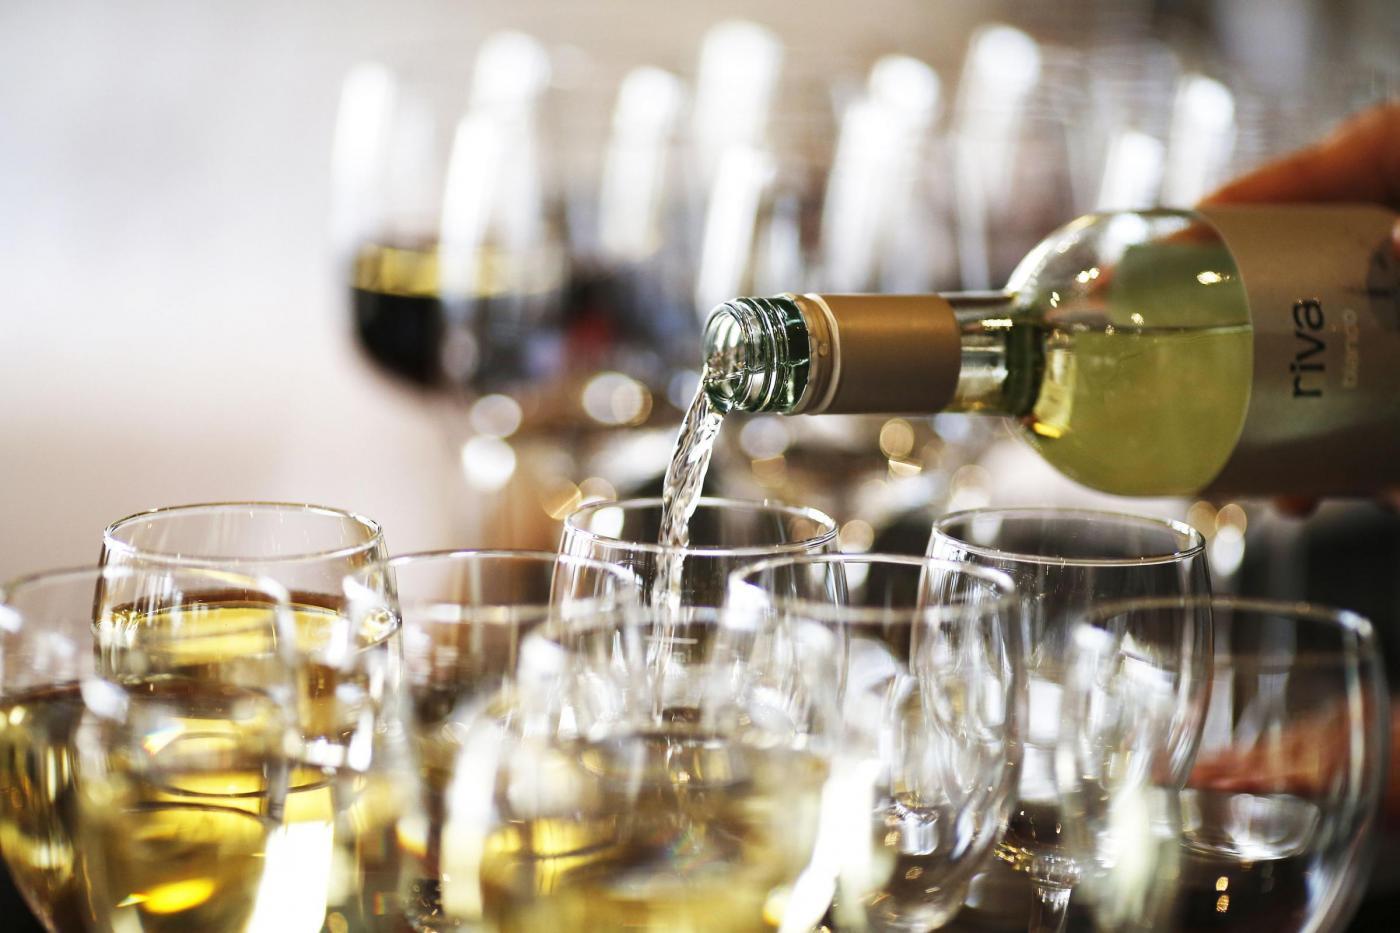 Vino gratis agli alcolizzati per farli smettere di bere, la nuova frontiera del volontariato